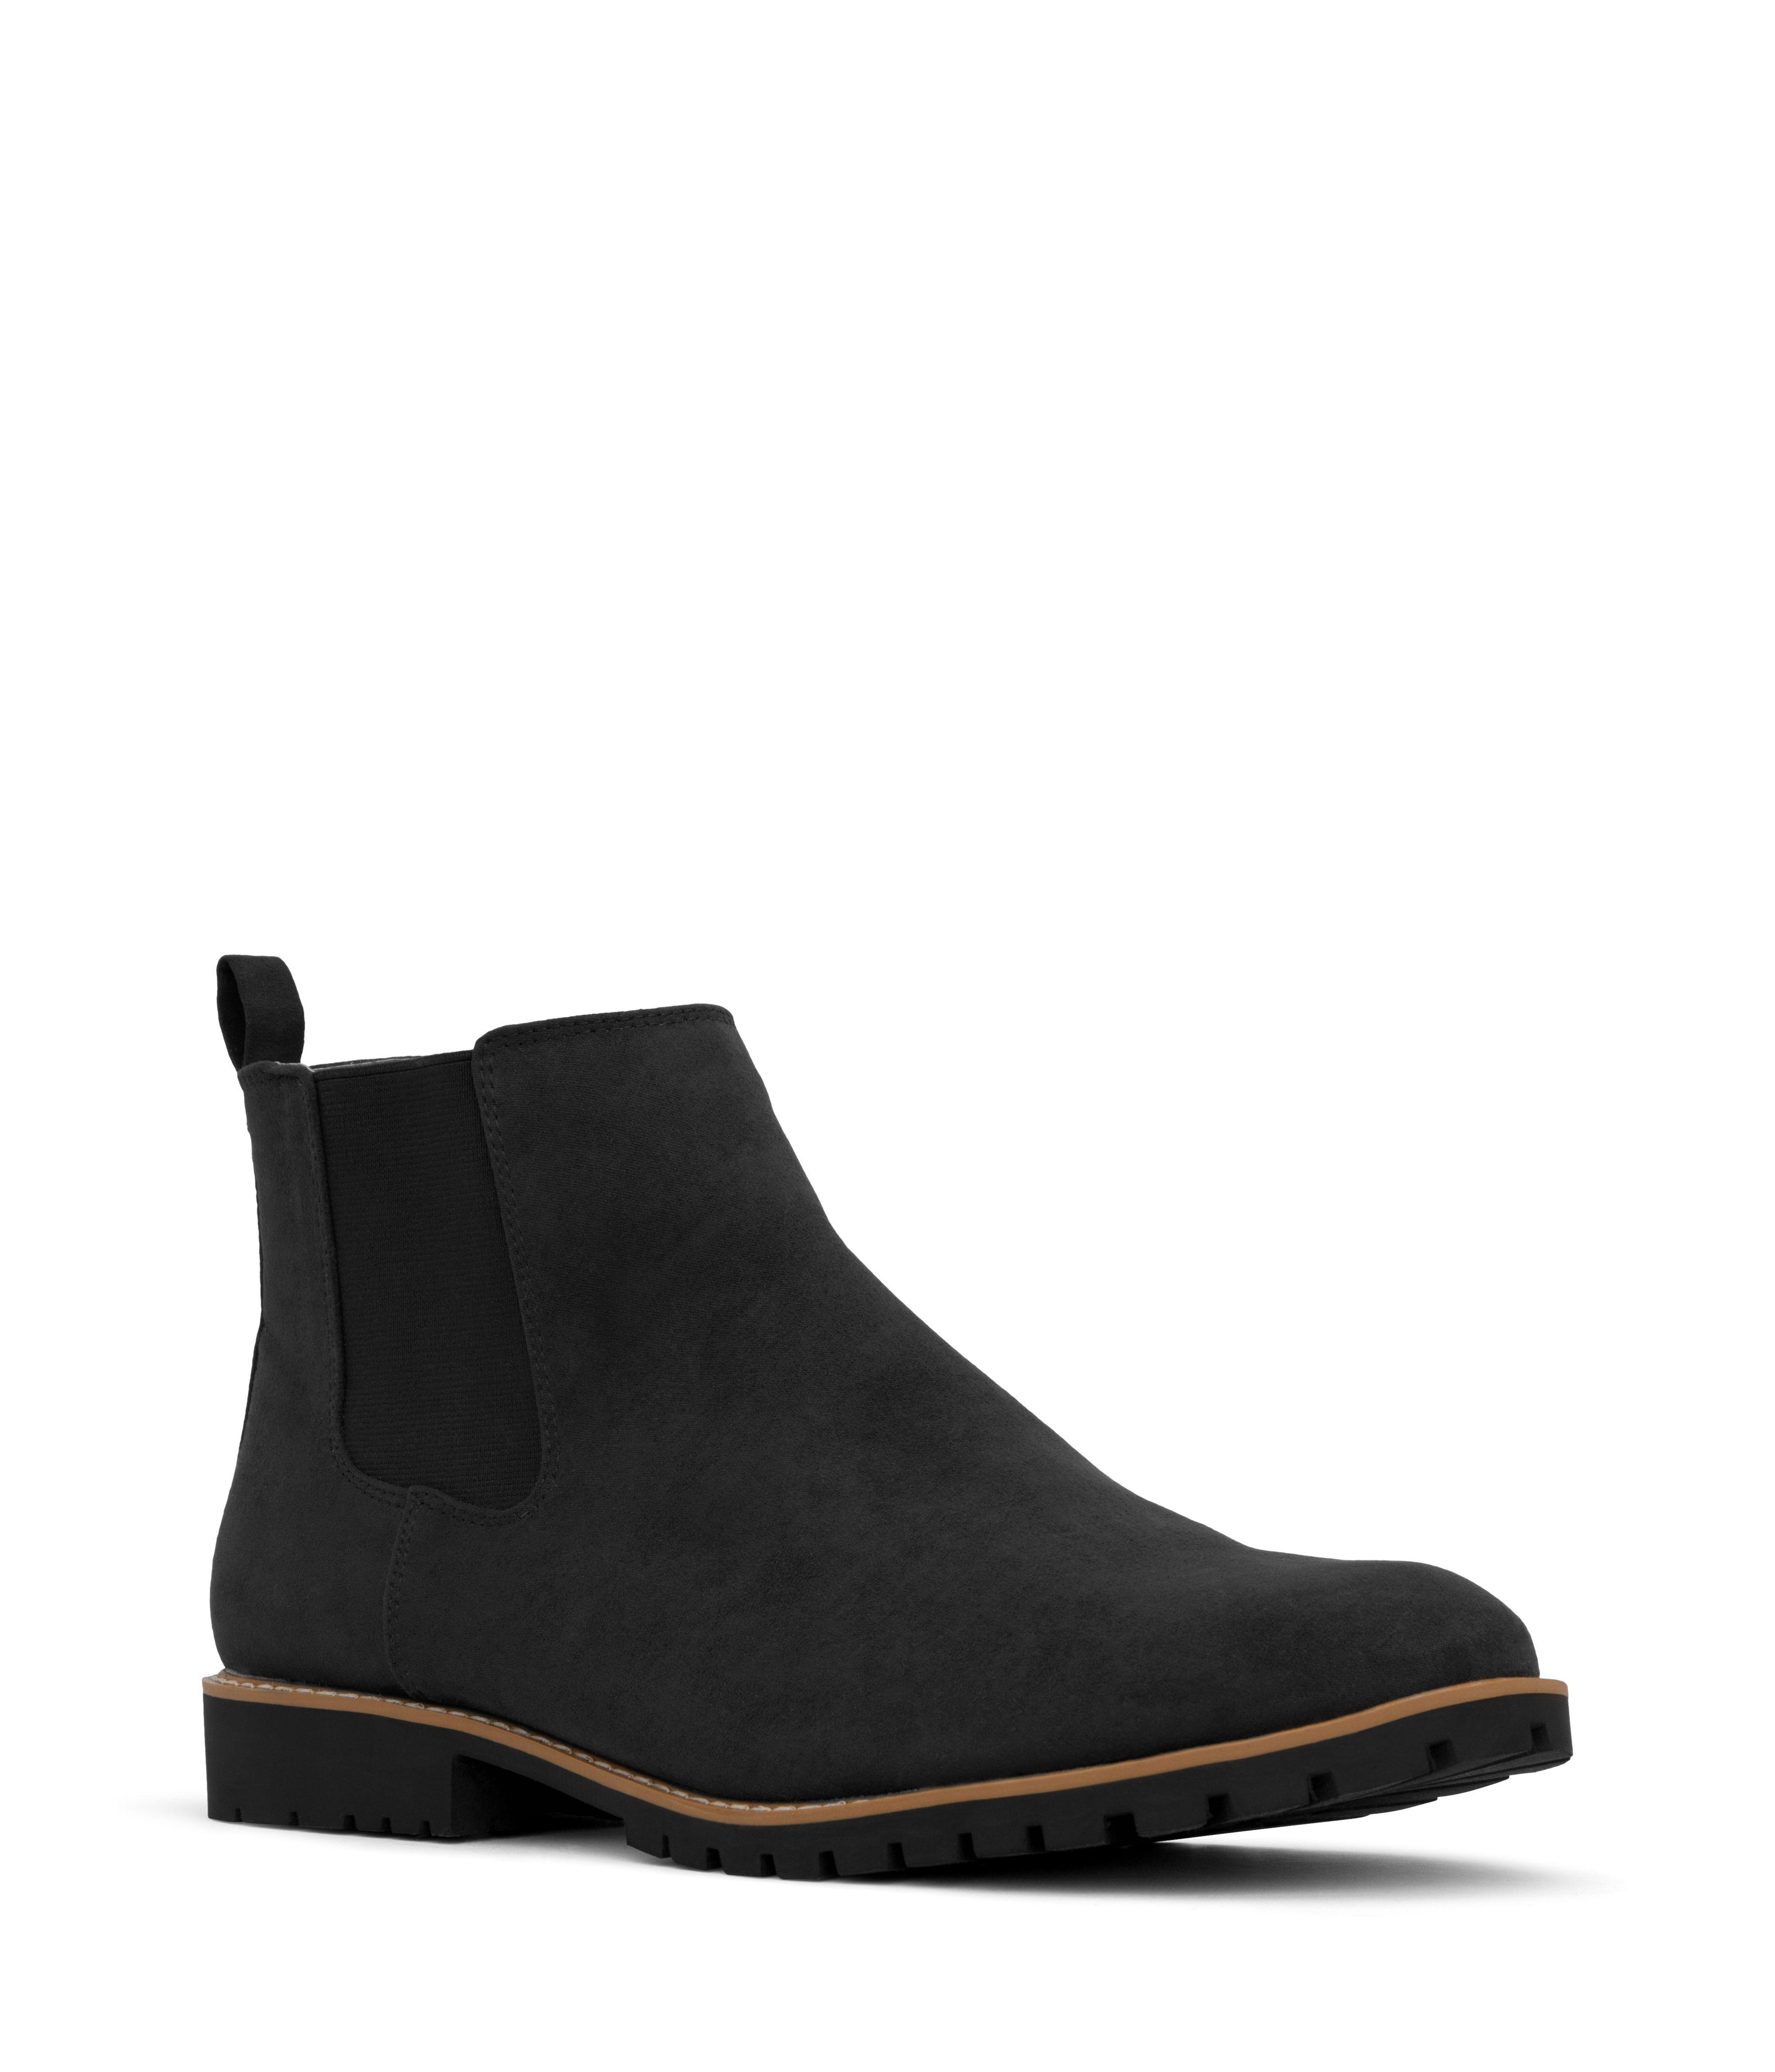 HAIL Vegan Chelsea Boot - Black | Matt